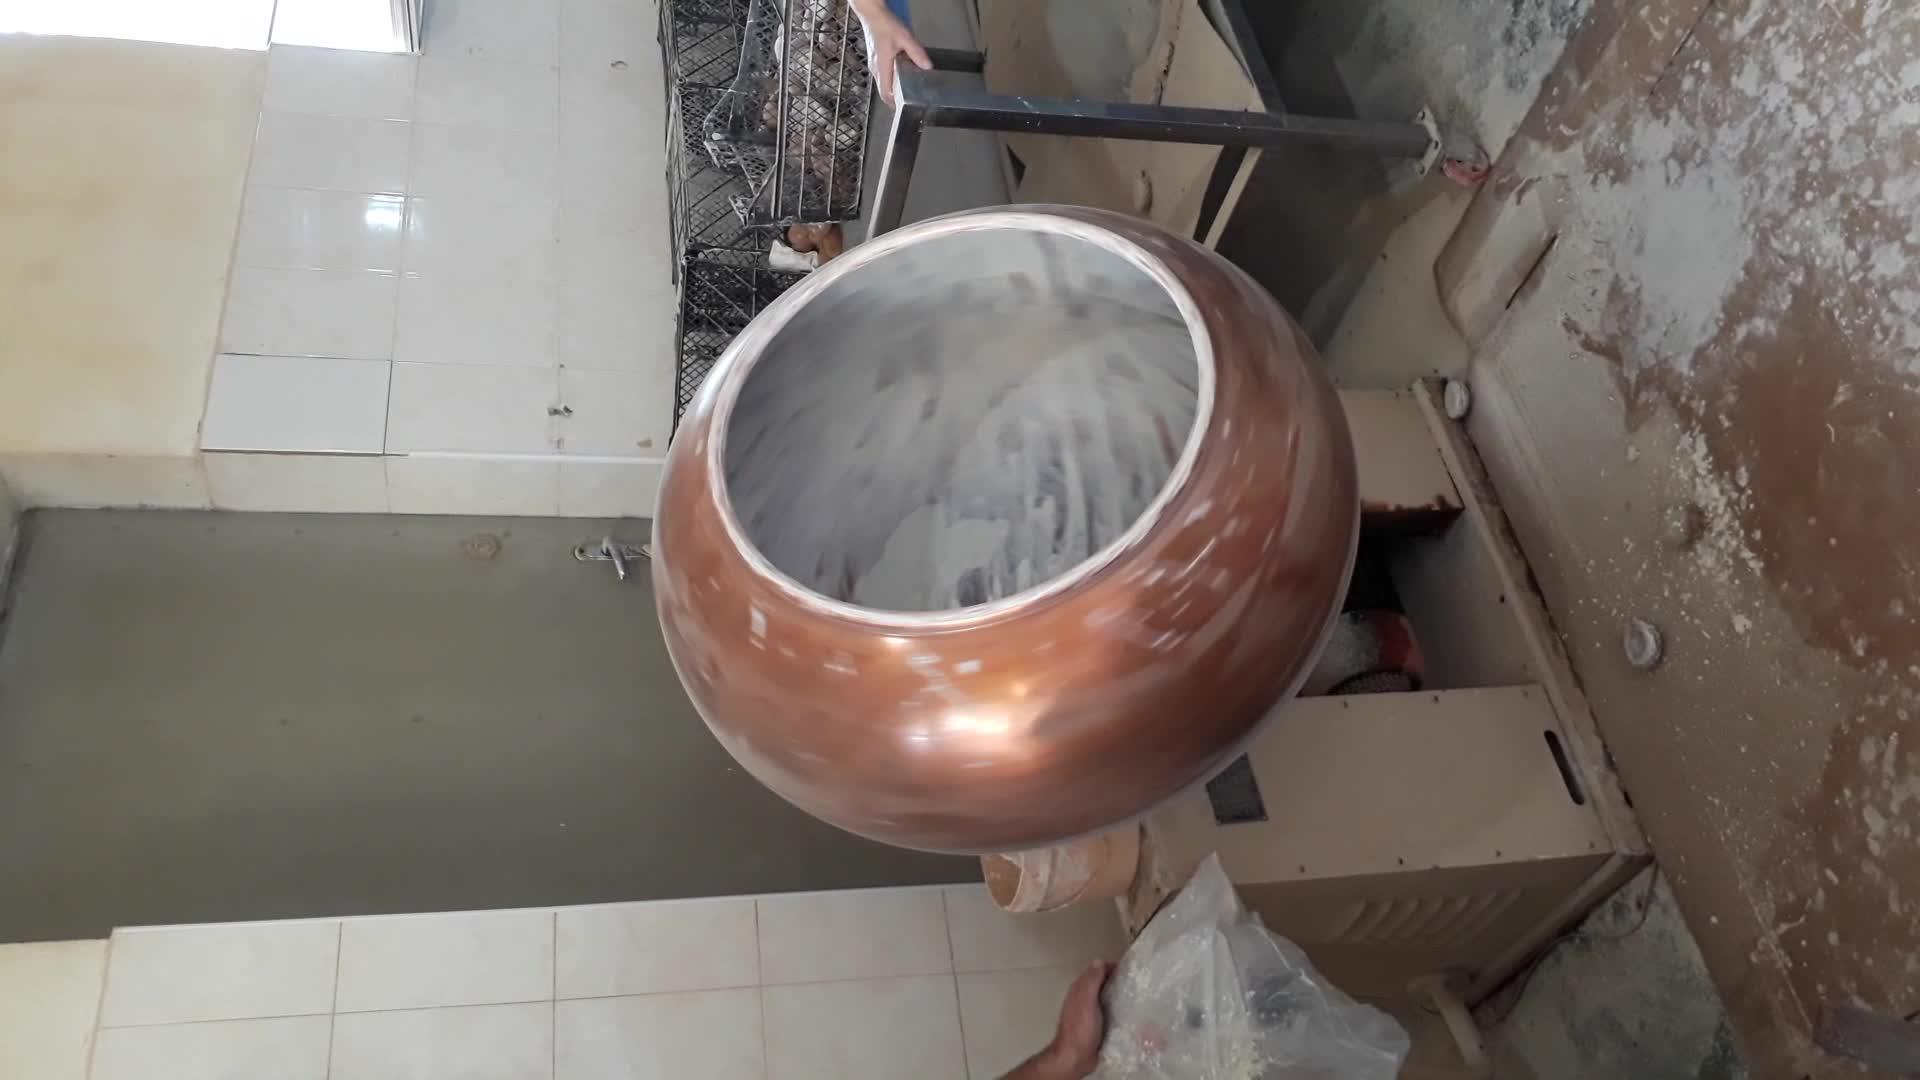 Acciaio inossidabile del commestibile del fagiolo del cioccolato zucchero macchina di rivestimento